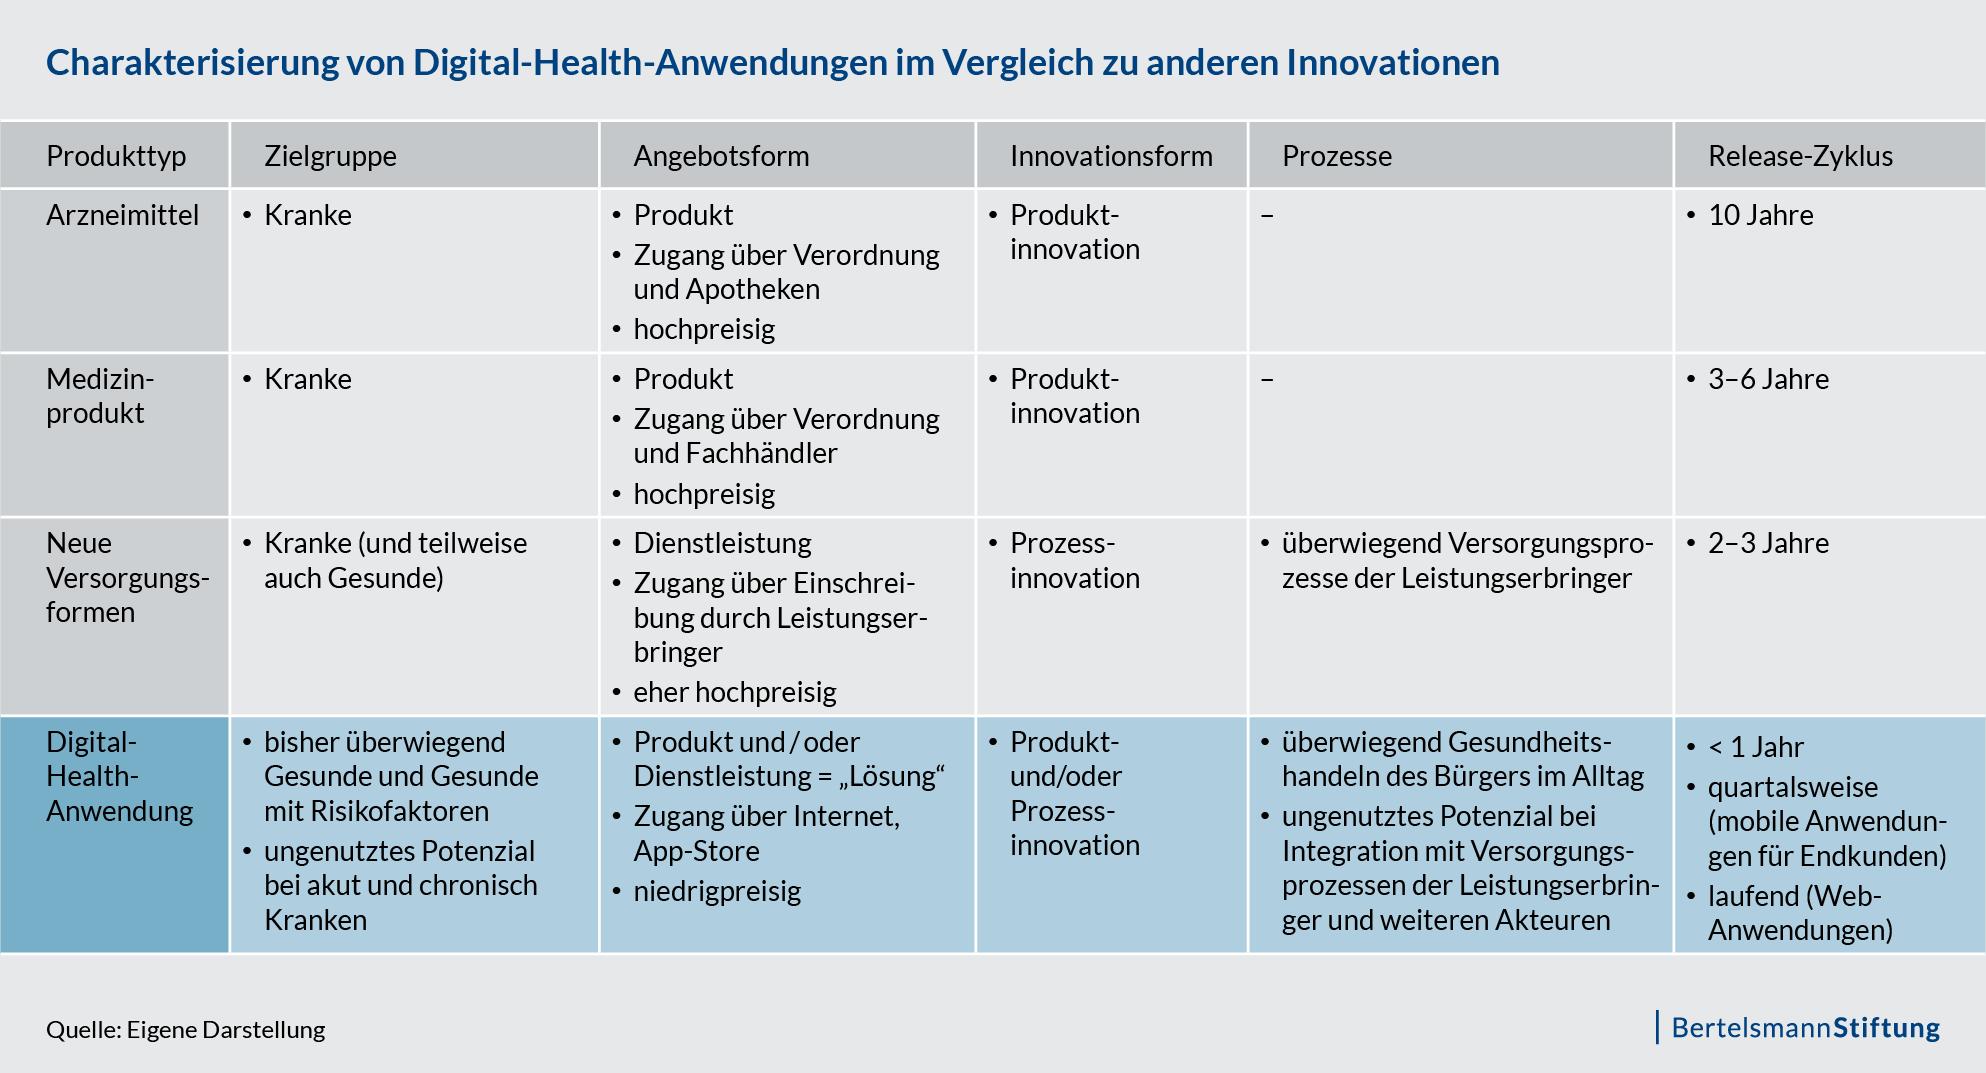 rung von Digital-Health-Anwendungen im Vergleich zu anderen Innovationen